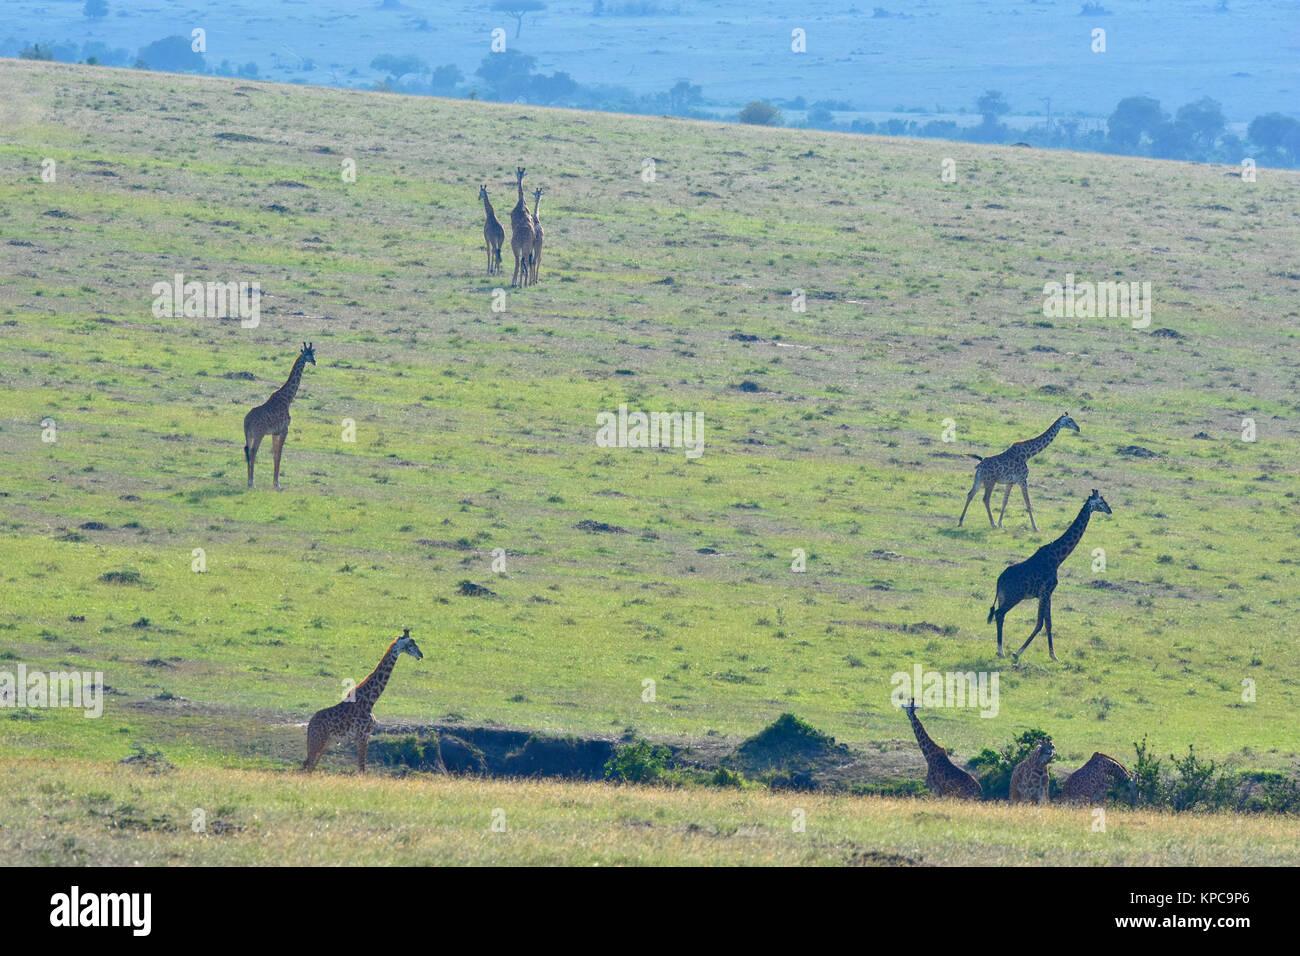 Kenia ist ein hervorragendes Reiseziel in Ostafrika. Berühmt für die freilebenden Tiere und wildwachsenden Stockbild